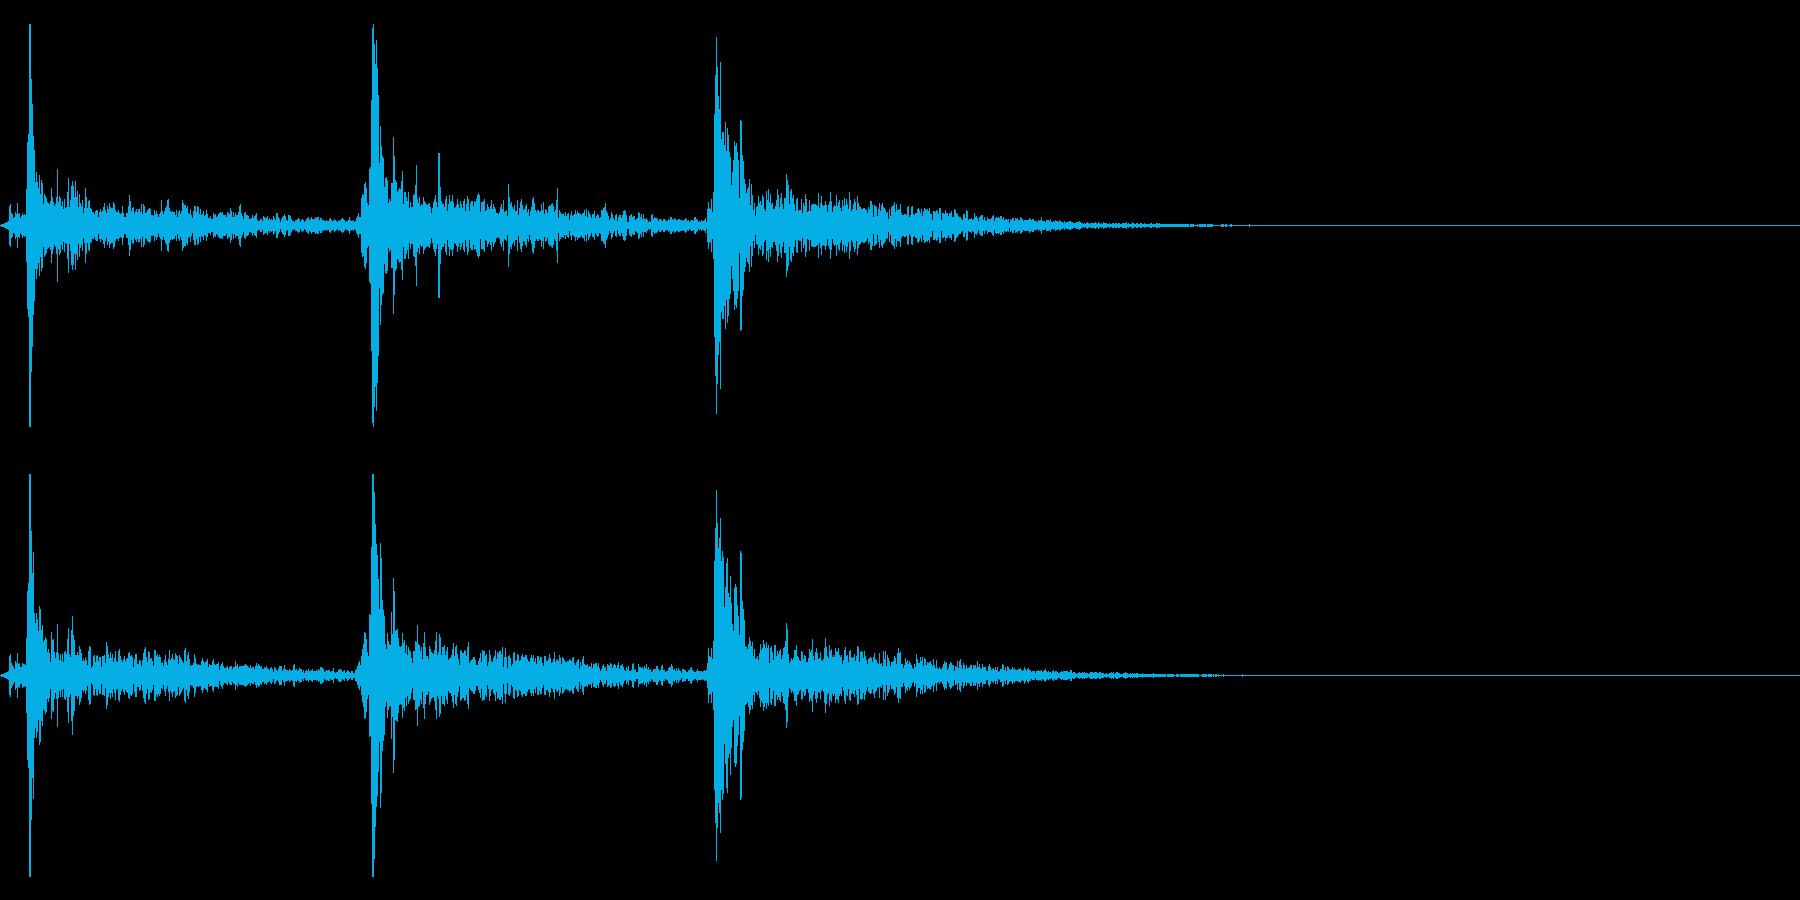 シャンシャンシャン(鈴の音・広がり有り)の再生済みの波形